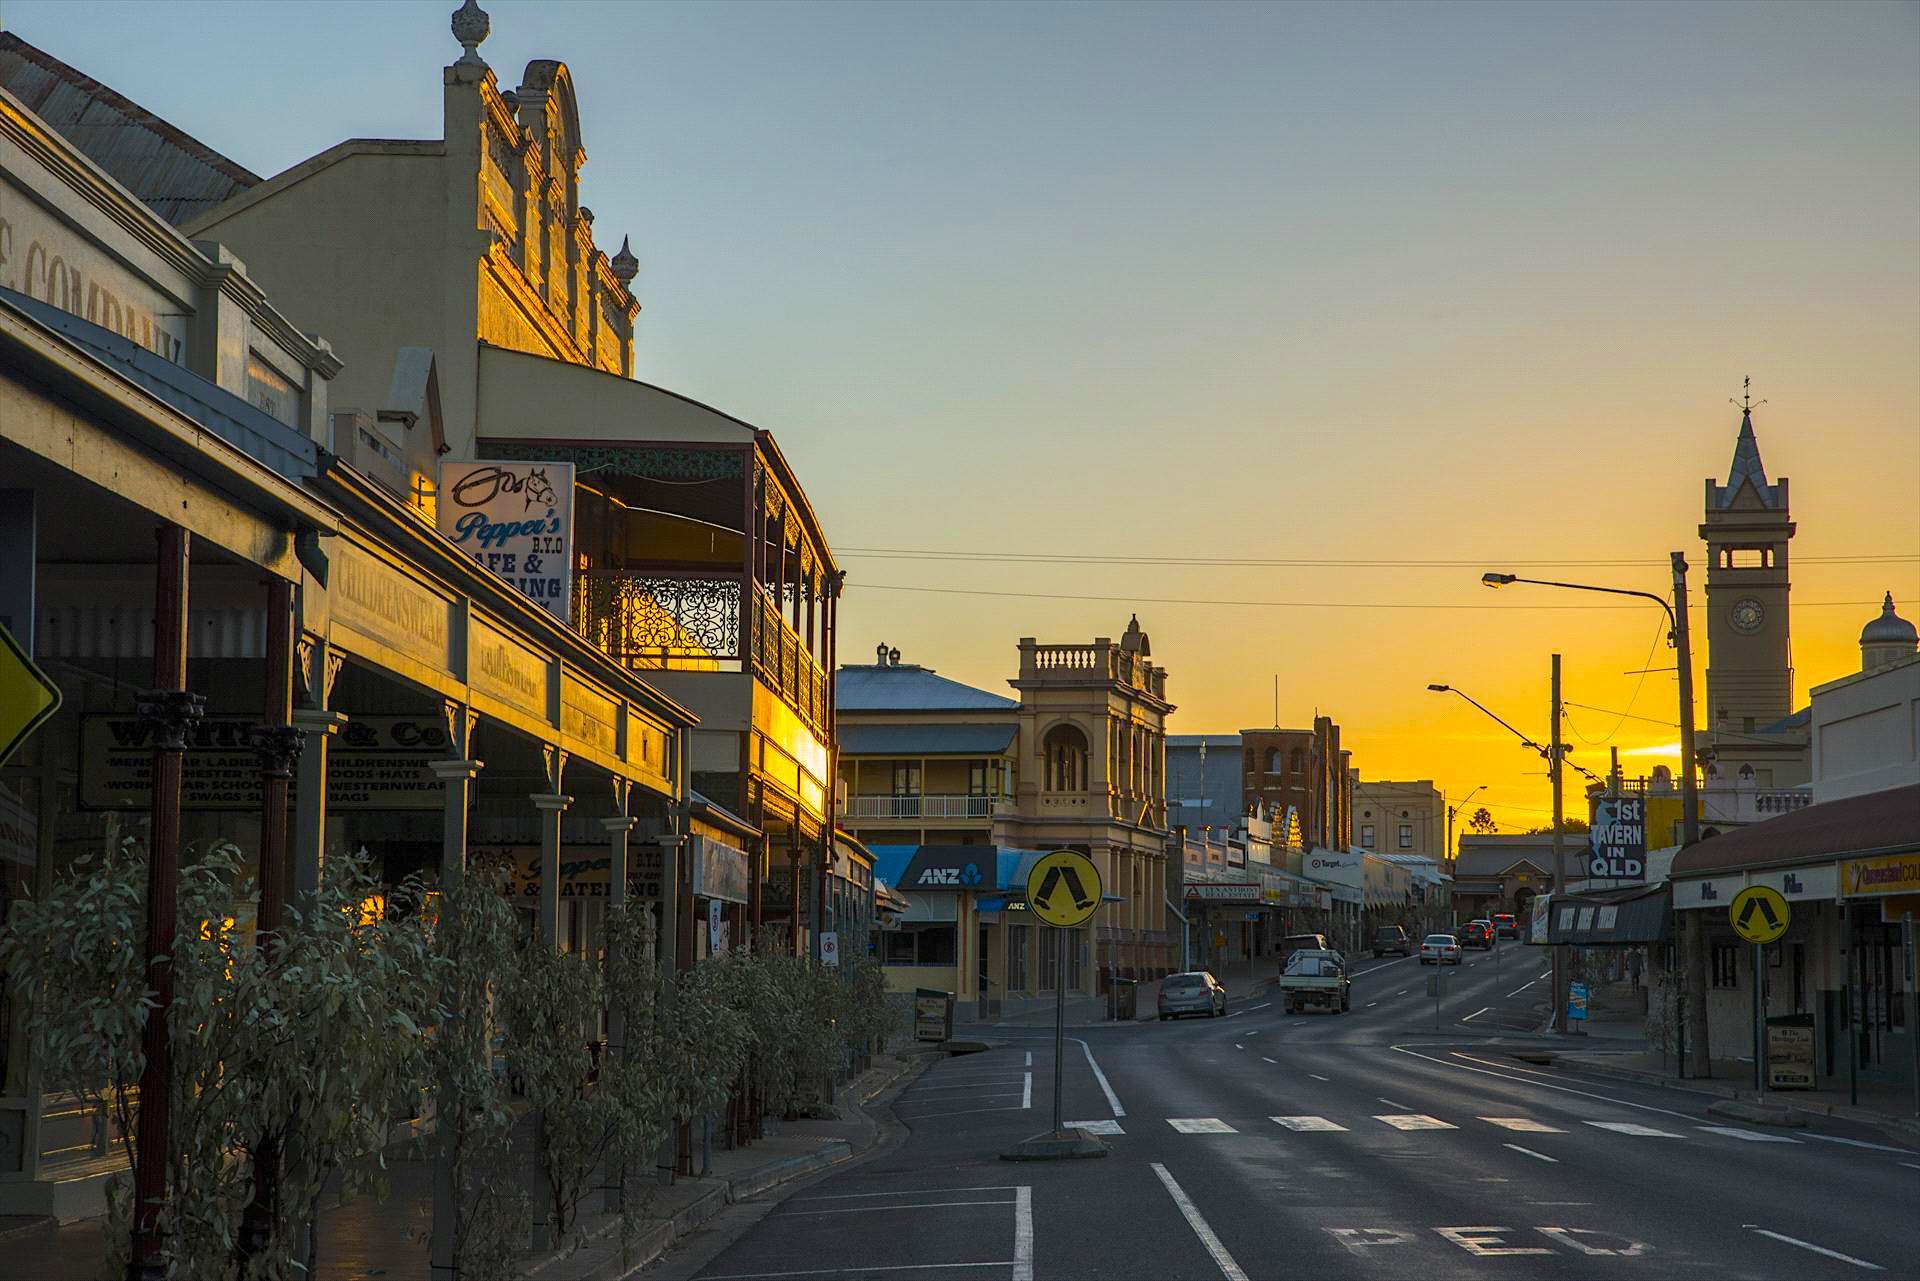 Charters Towers - Eine der schönsten Outback Städte bei Sonnenuntergang - Queensland